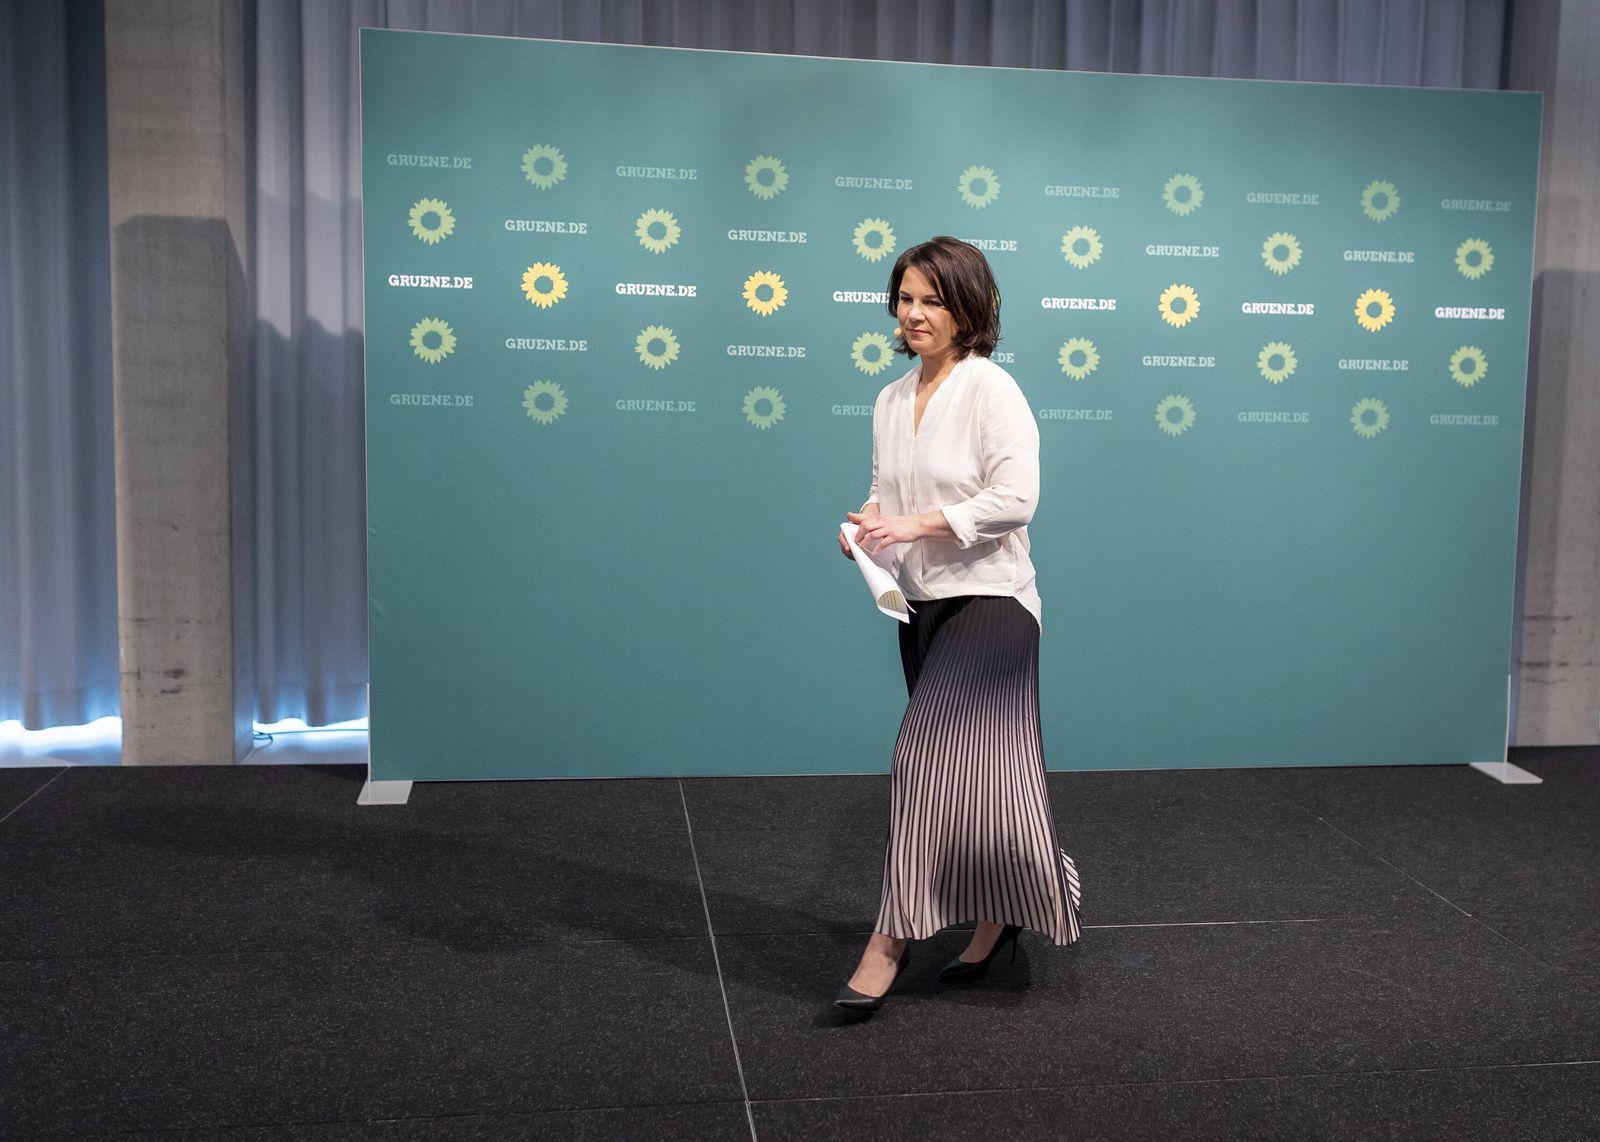 News Bilder des Tages Pressestatement von Annalena Baerbock, Bundesvorsitzende von BUENDNIS 90/DIE GRUENEN, nach Bekannt